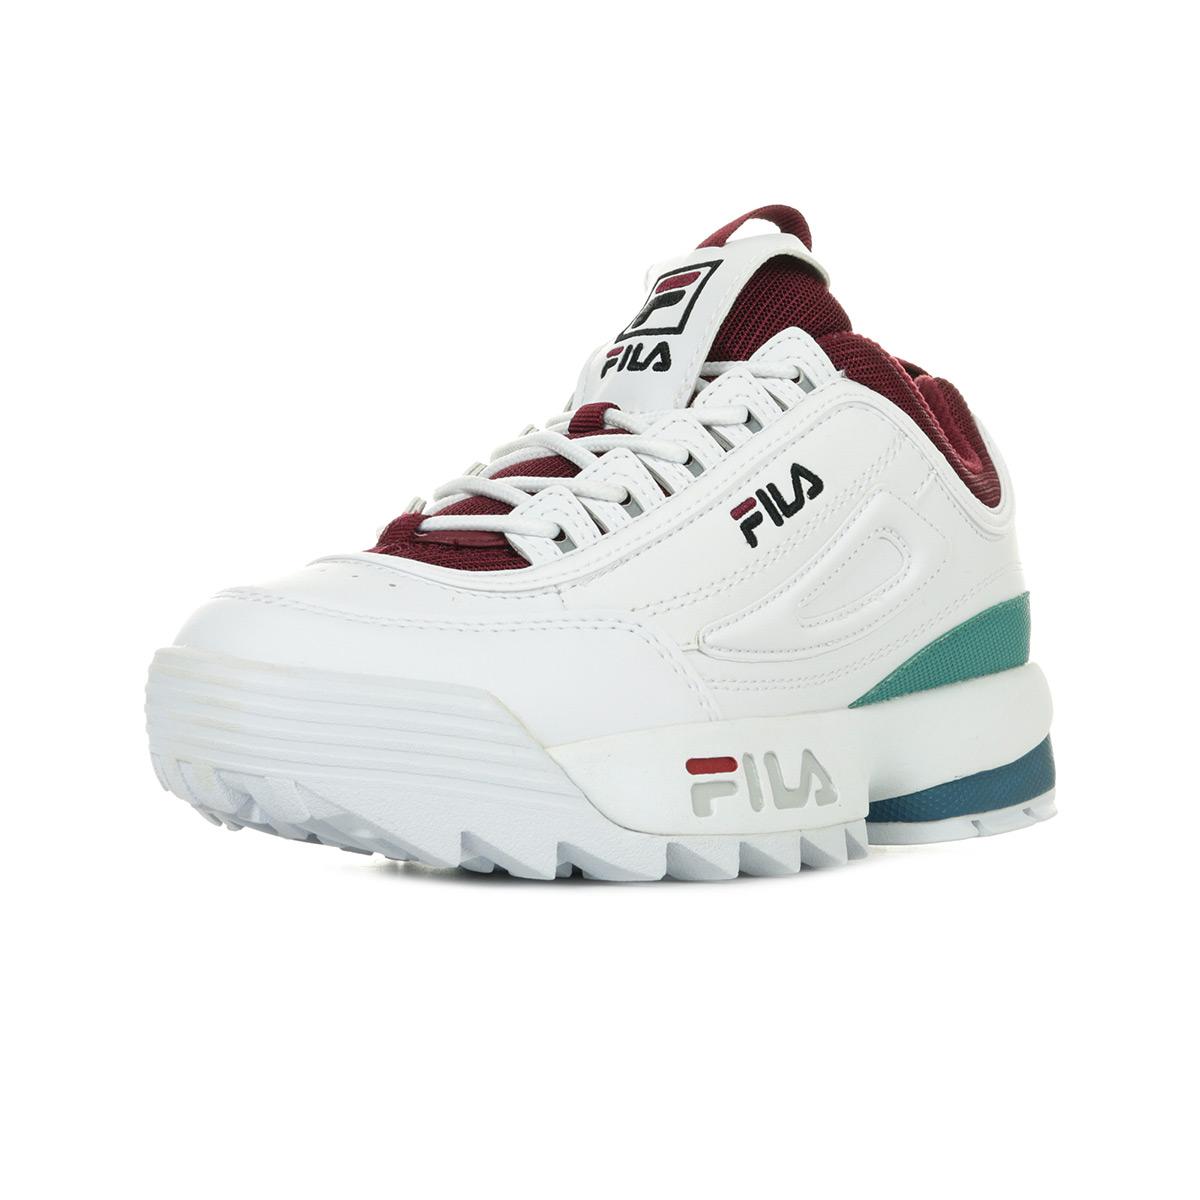 Détails sur Chaussures Baskets Fila femme Disruptor CB Low Wn's taille Blanc Blanche